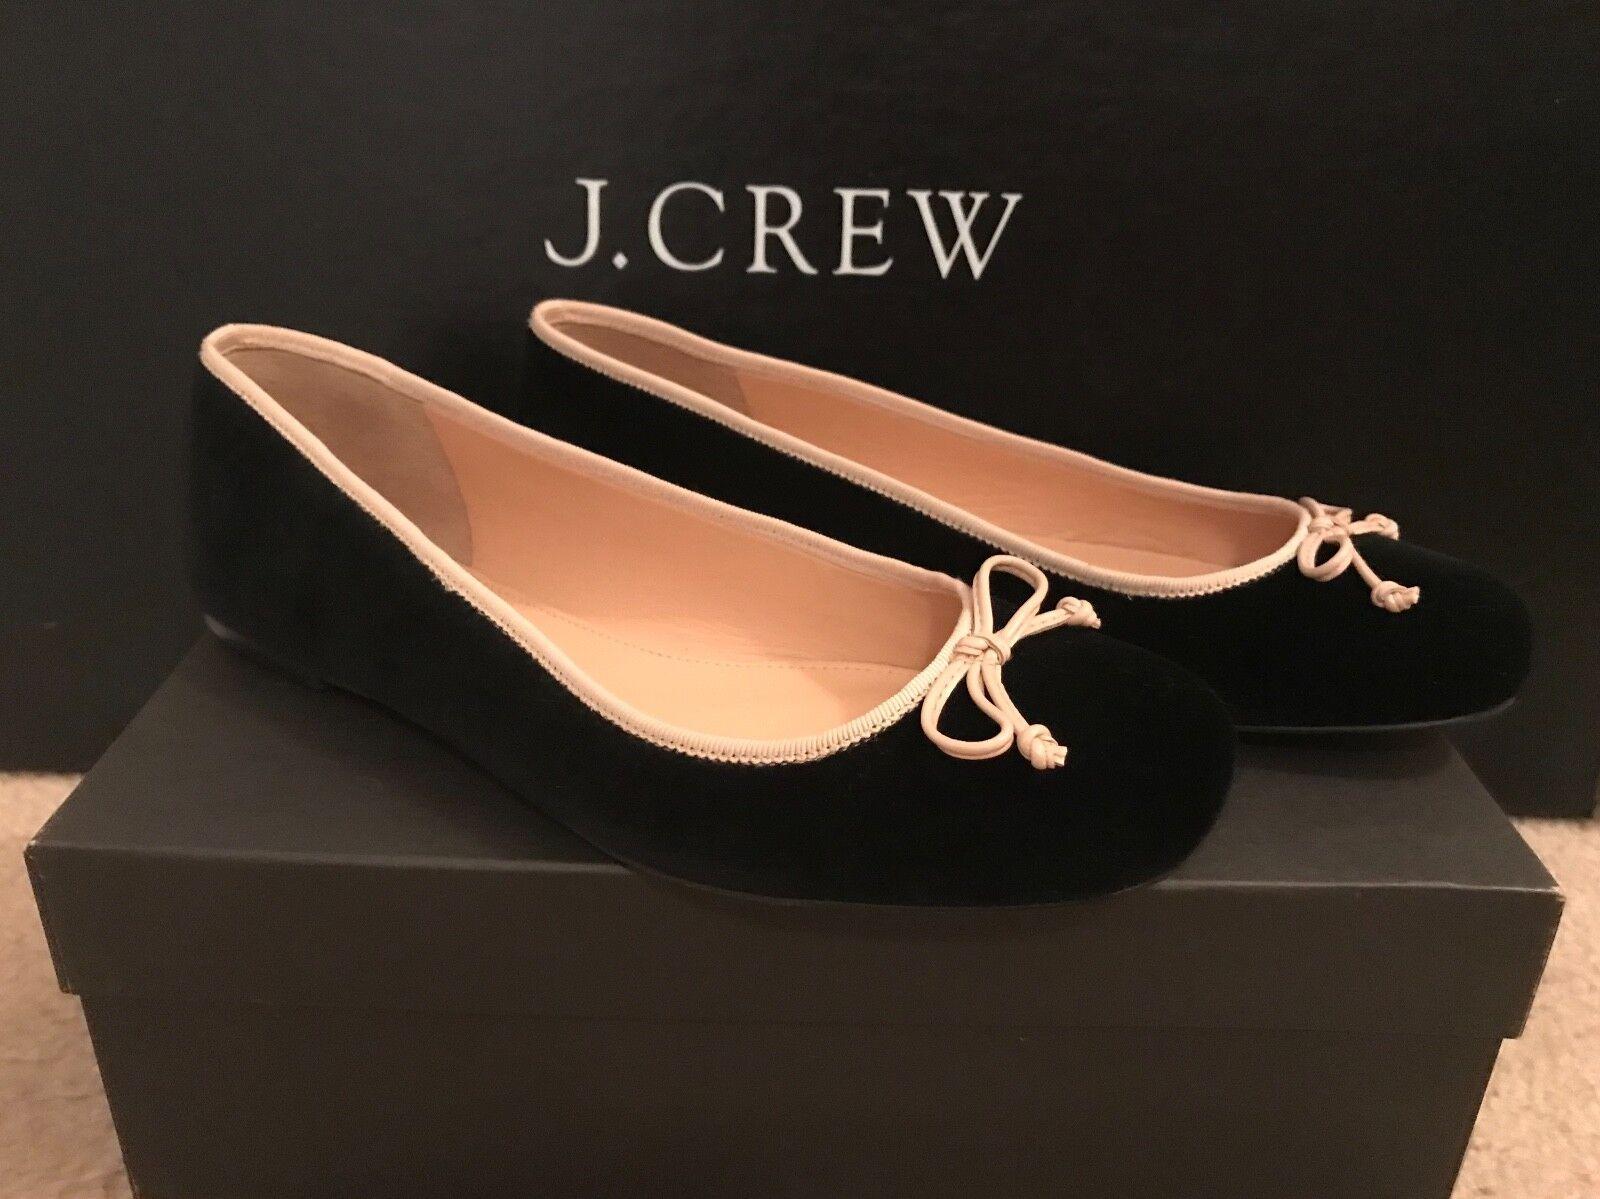 J.CREW LILY BALLET FLATS IN VELVET SIZE 9,5M BLACK H1818